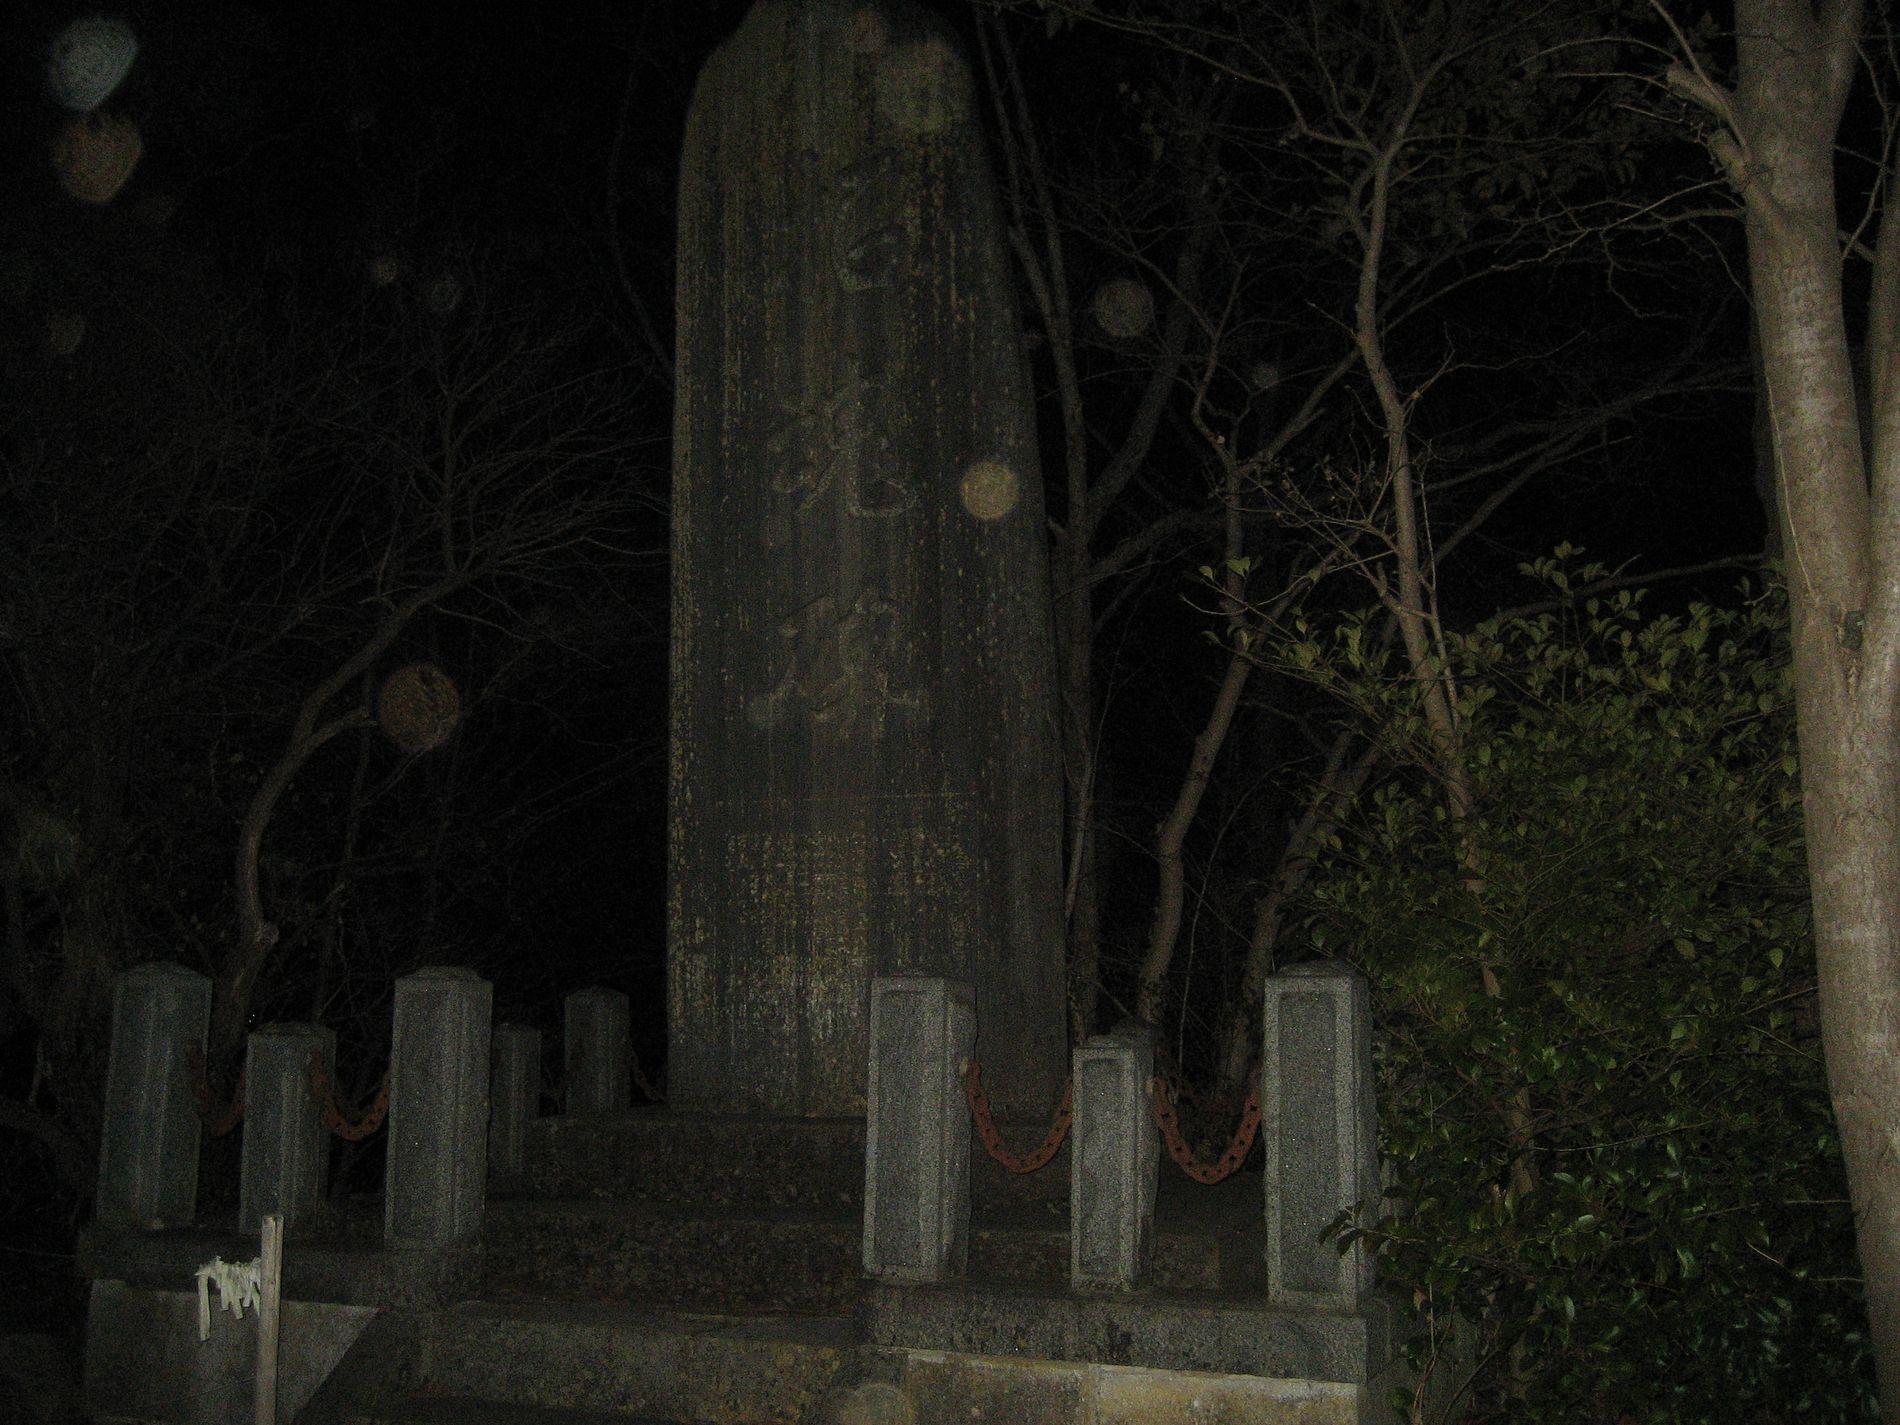 五十鈴神社 開拓碑